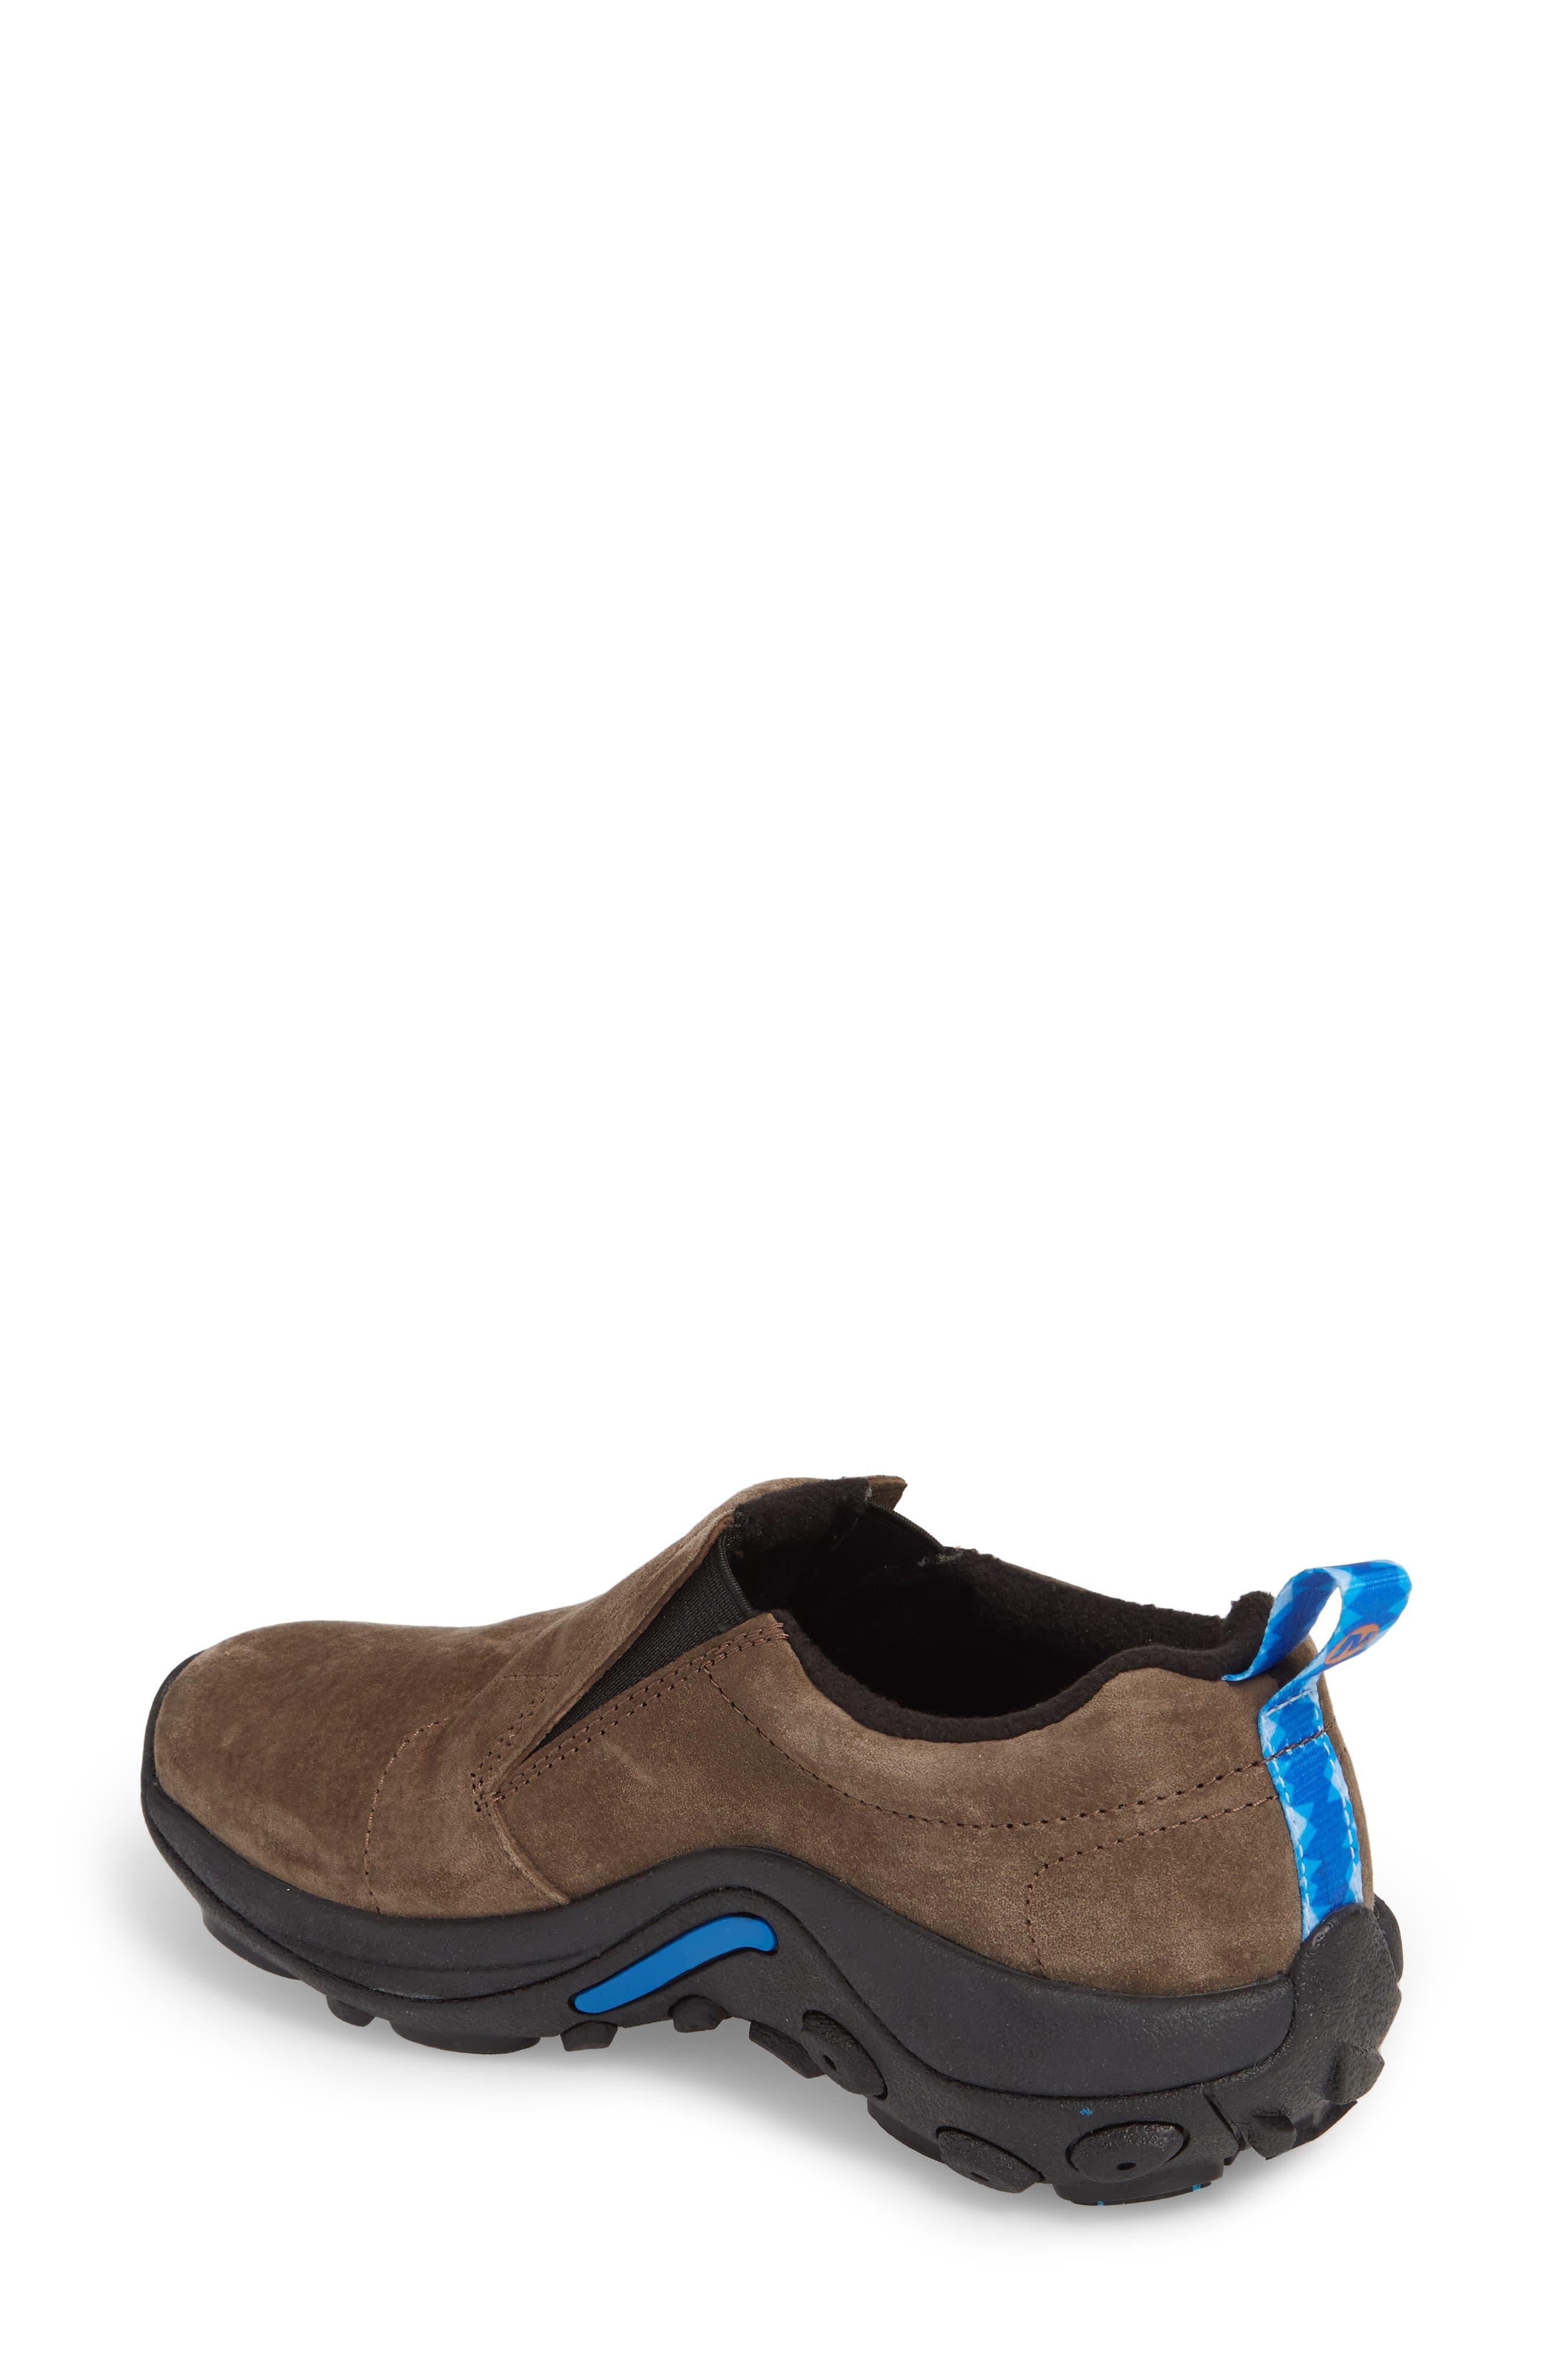 Alternate Image 2  - Merrell Jungle Moc Ice Waterproof Sneaker (Women)